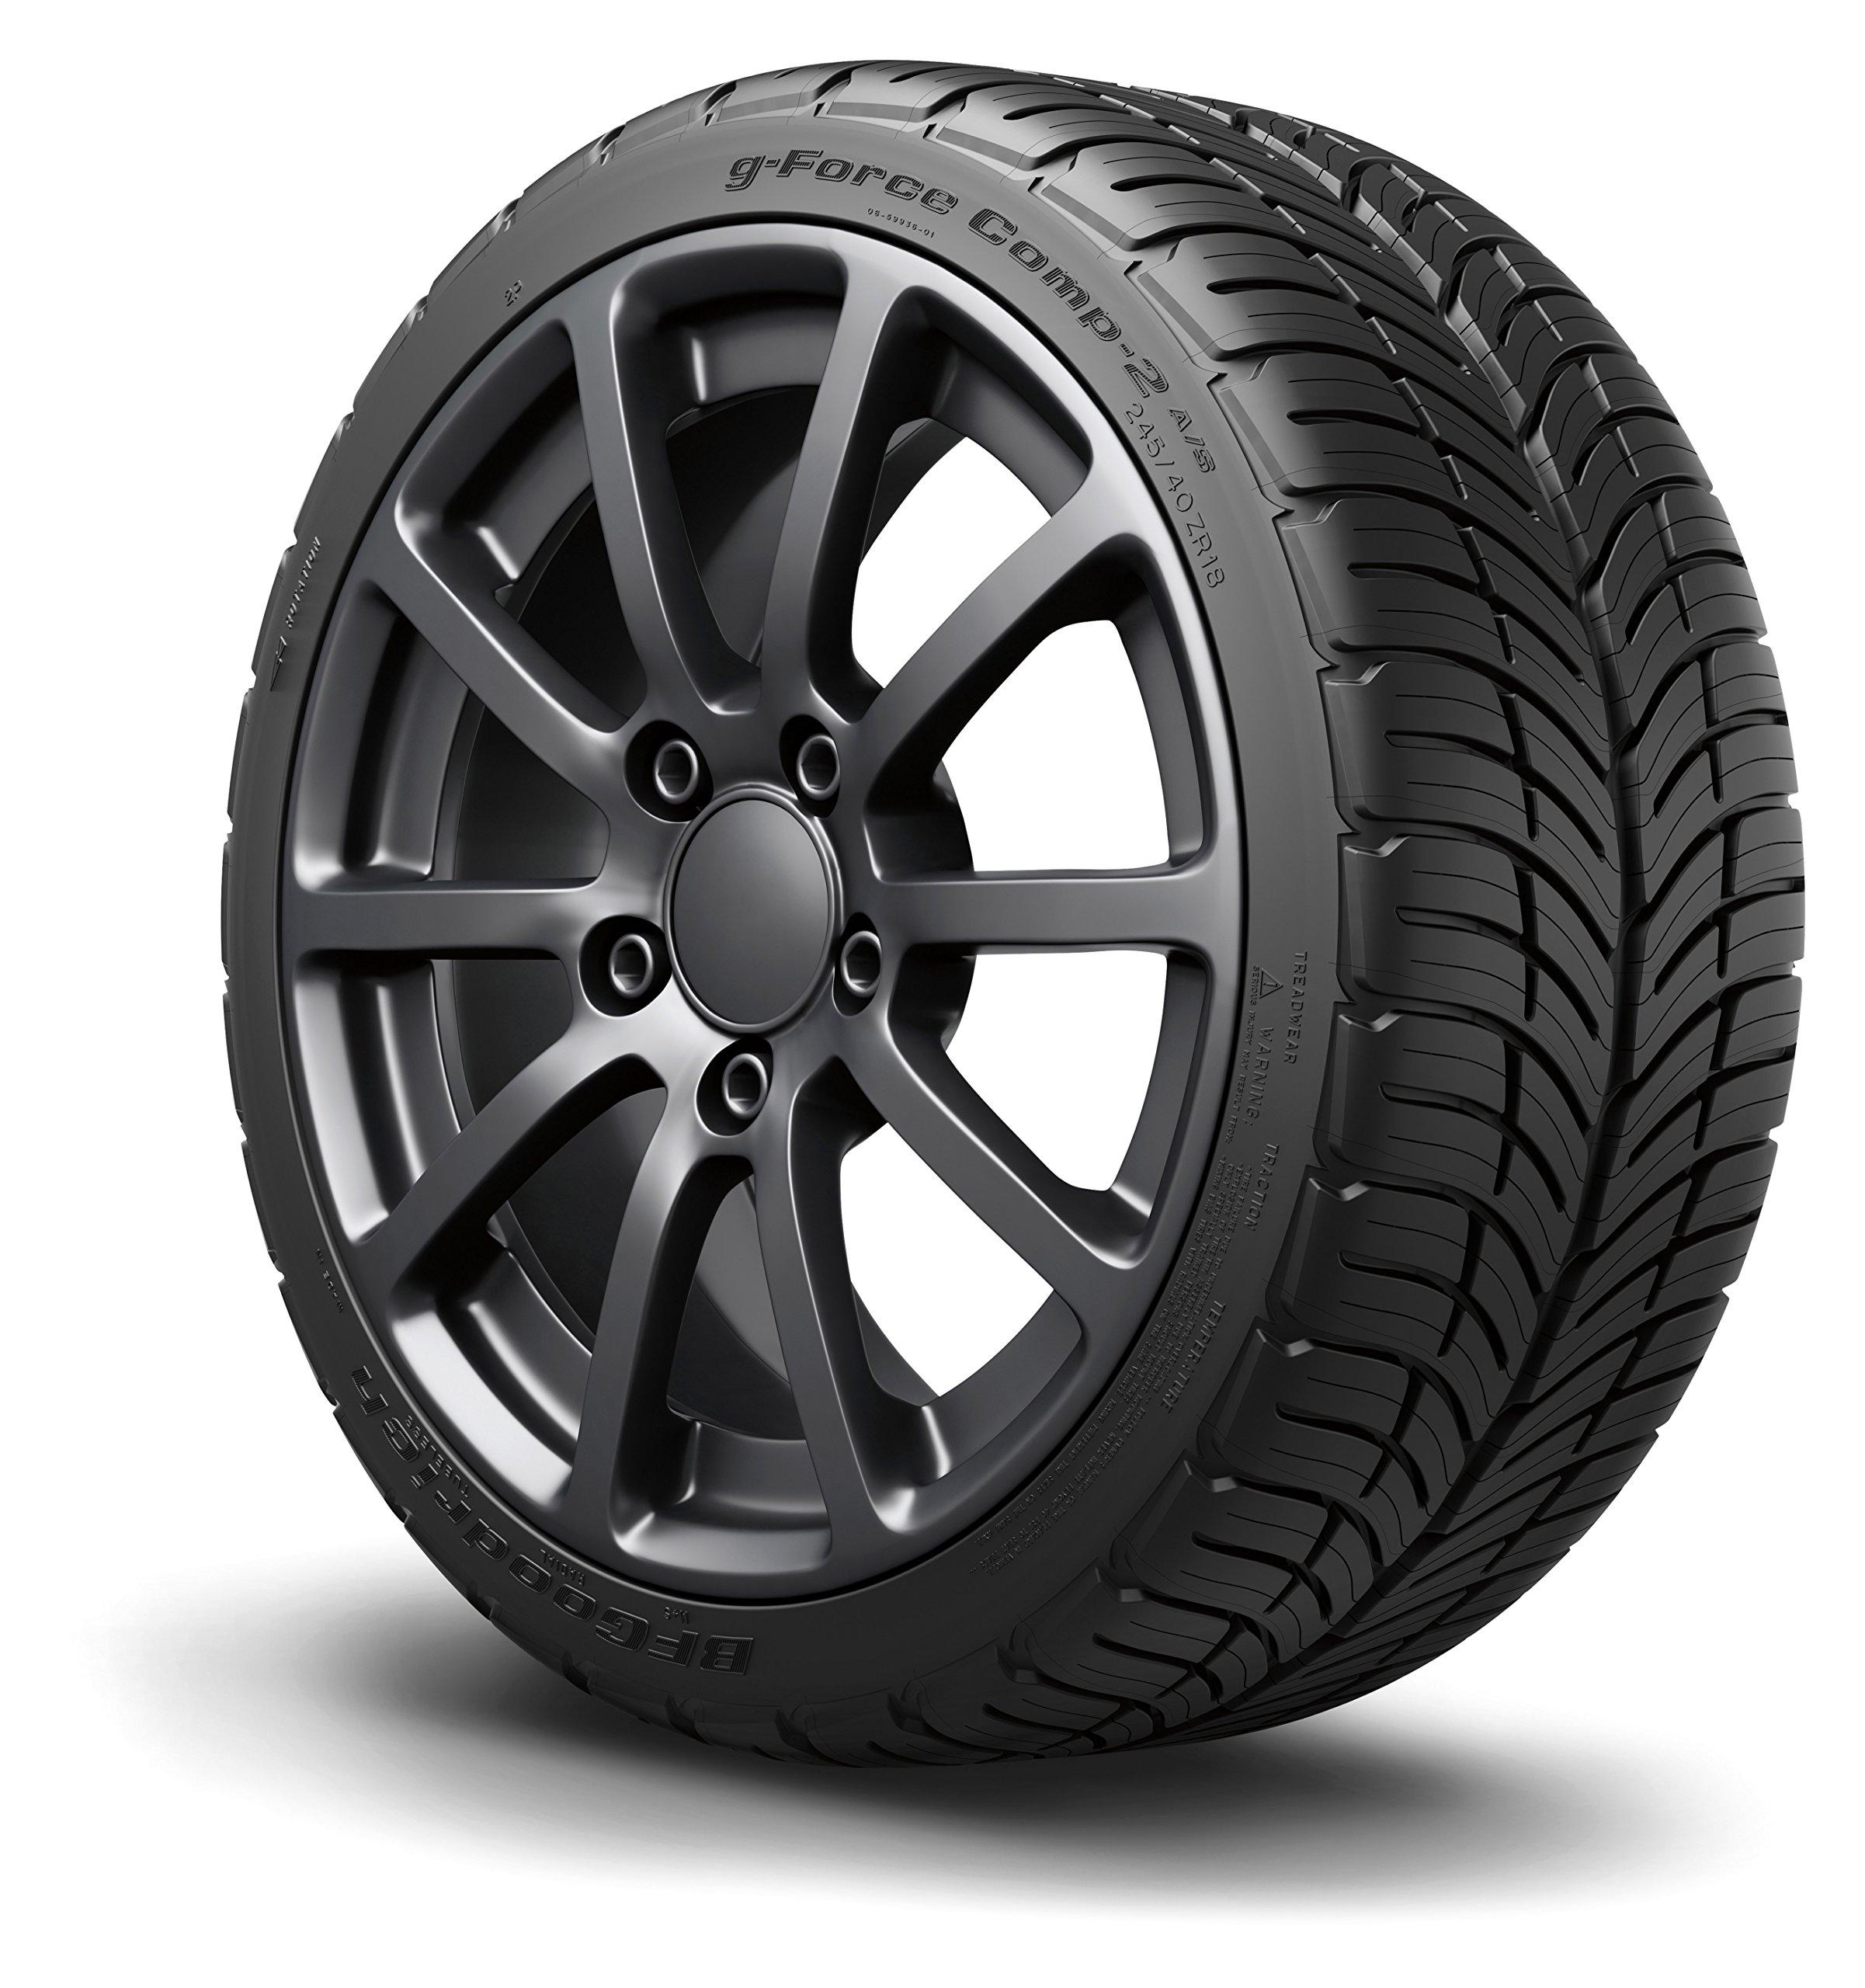 BFGoodrich g-Force COMP-2 A/S All-Season Radial Tire - 235/50ZR18 97W by BFGoodrich (Image #4)